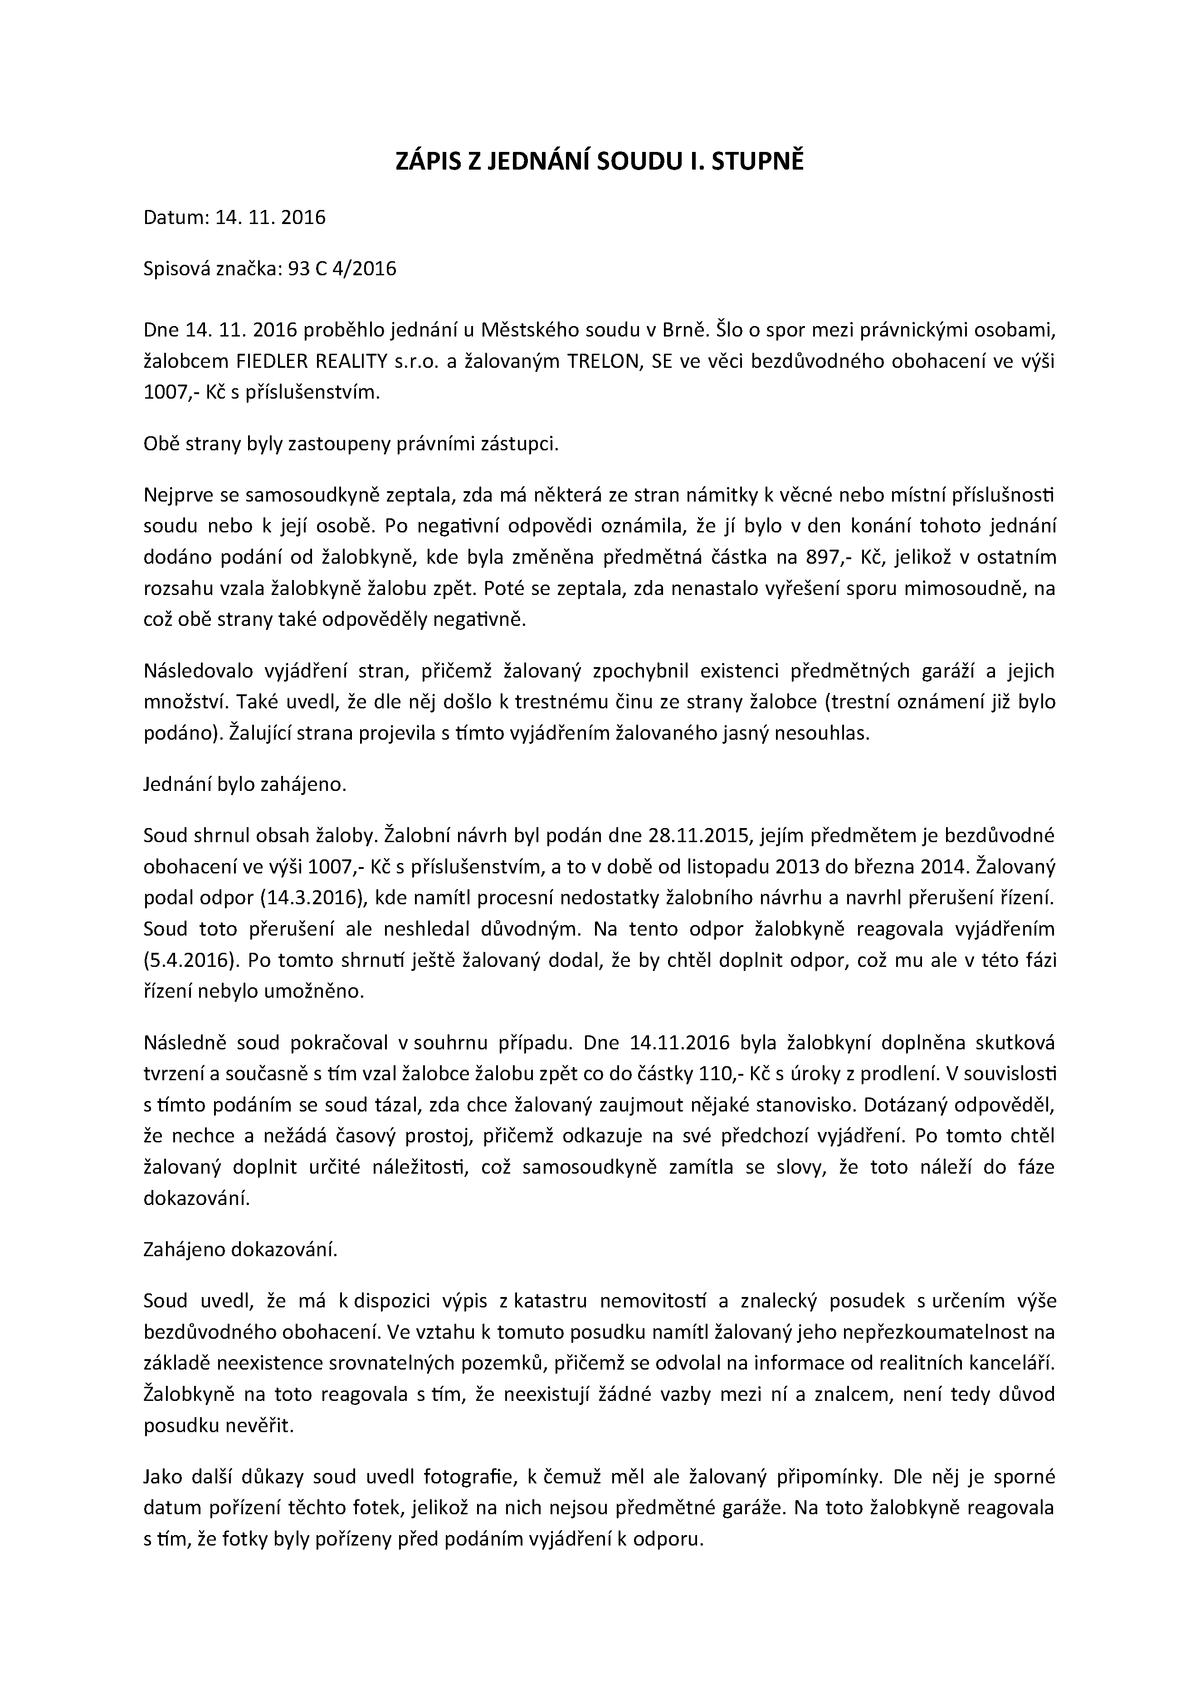 PŘIPOJENÍ EPS-203 K BATERII STARTOVANÉHO MOTORU.